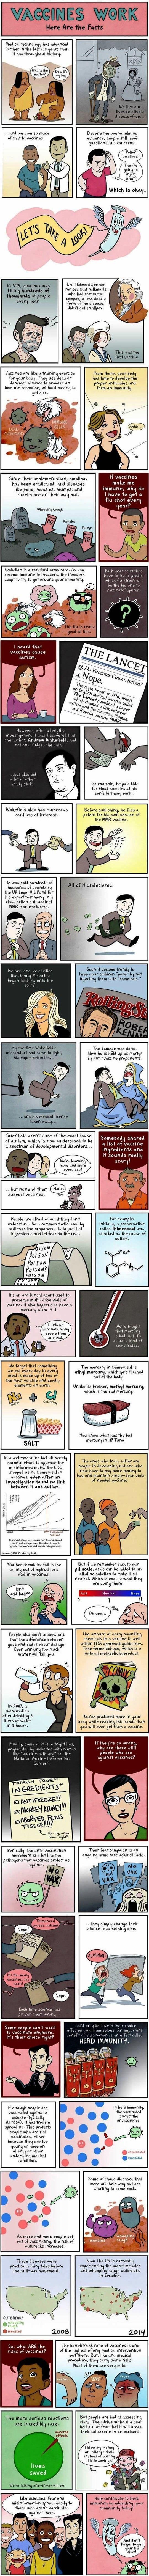 Stop spreading 'alternate facts'. (By Maki Naro)